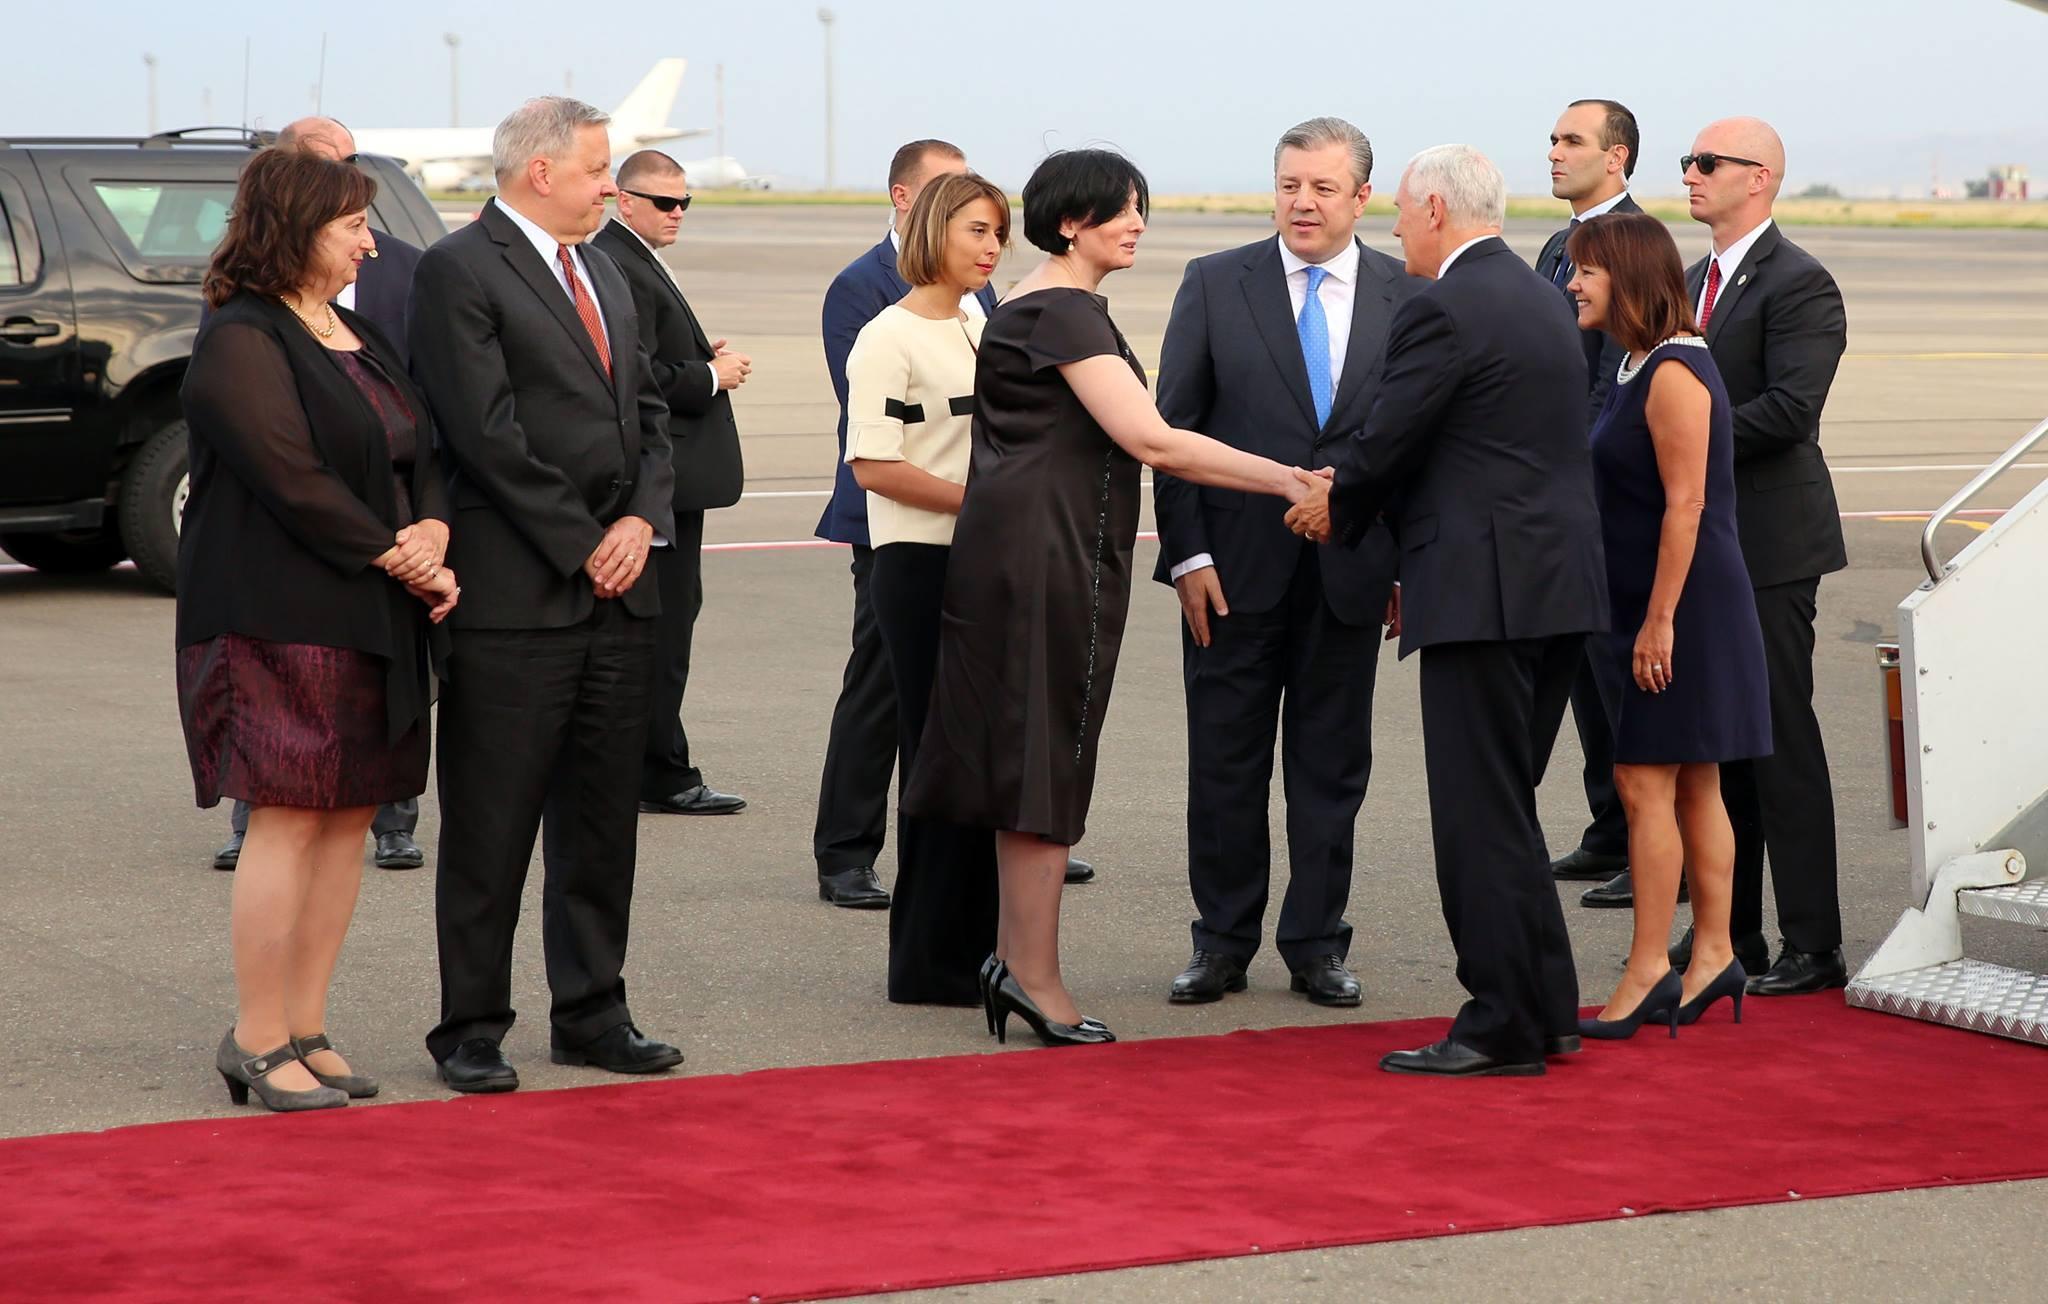 20451987 10203763824371596 7628063468491709720 o #новости featured, визит, вице-президент США, Грузия, Майк Пенс